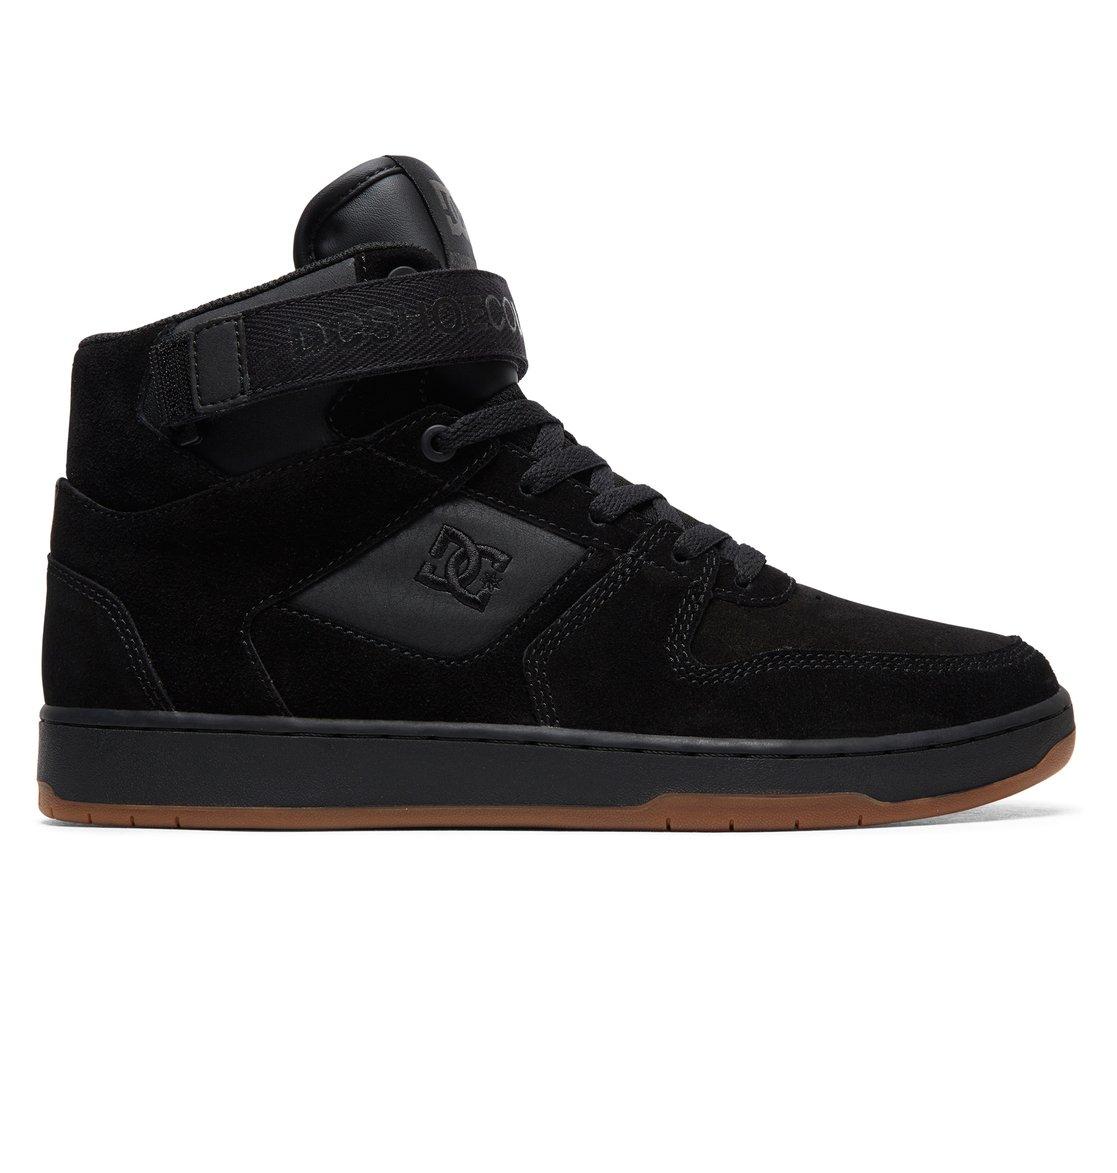 0 Pensford S - Scarpe da skate da Uomo Black ADYS400054 DC Shoes 8313c4a88cd